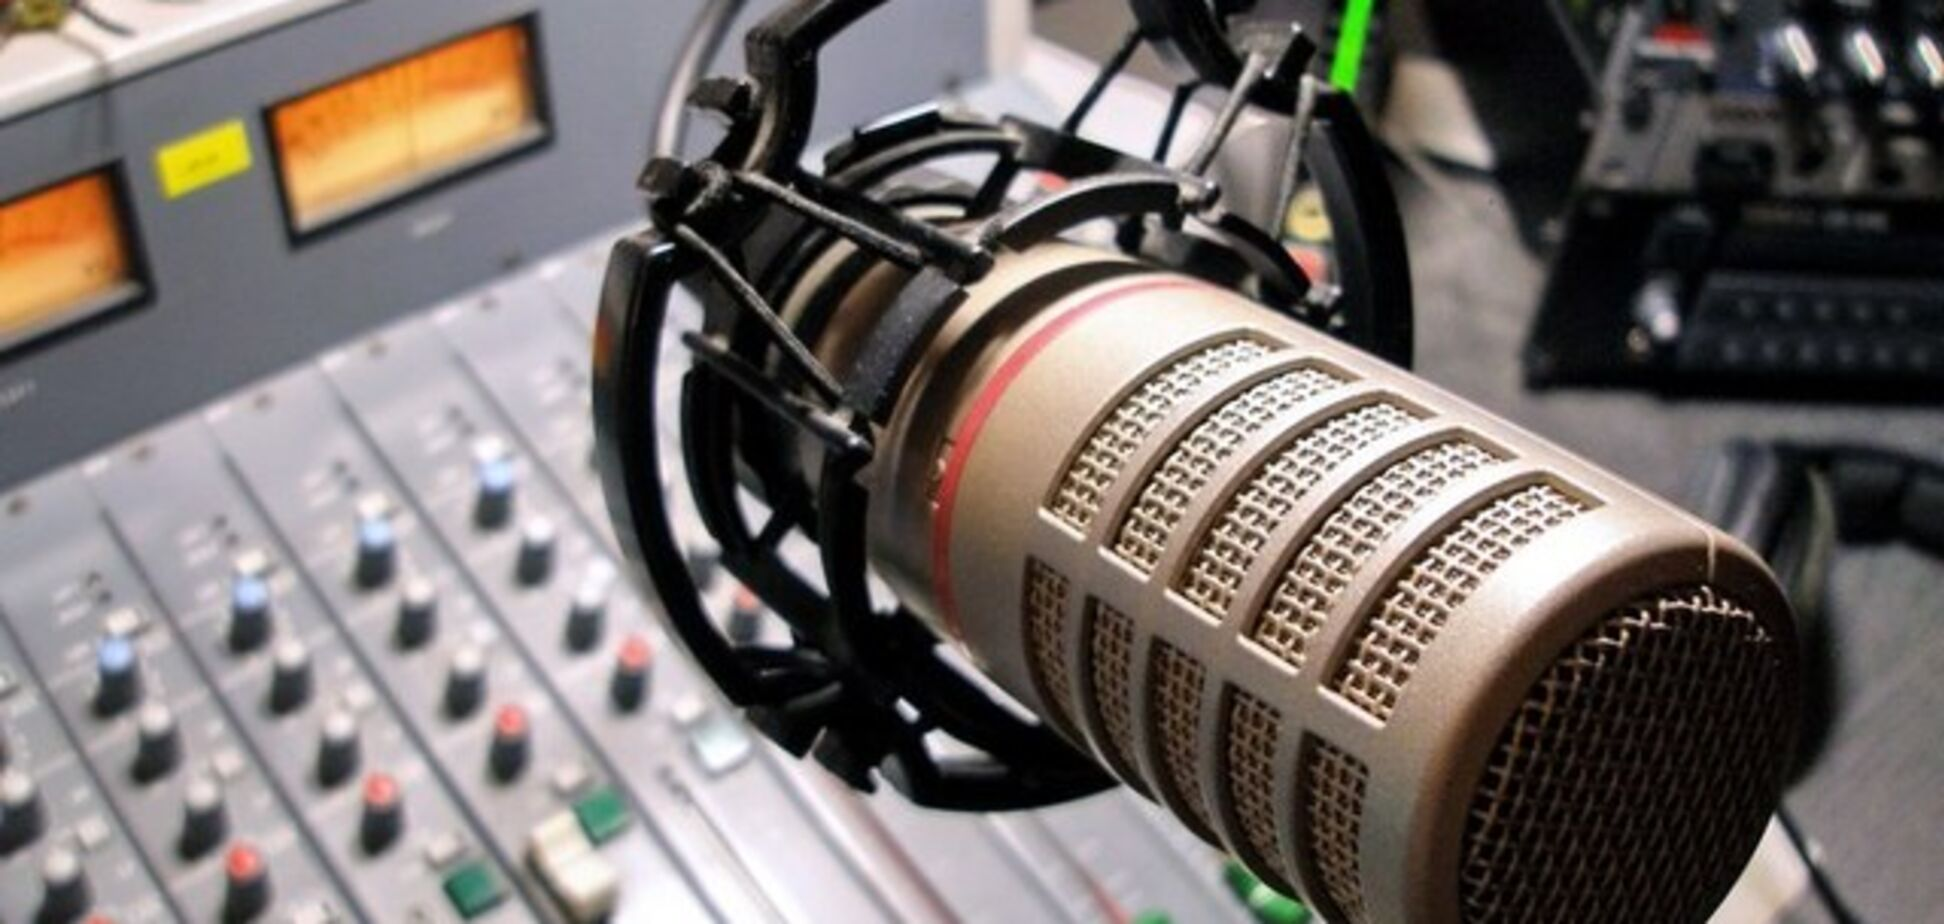 Украинская радиостанция выплатила самый крупный штраф из-за квот